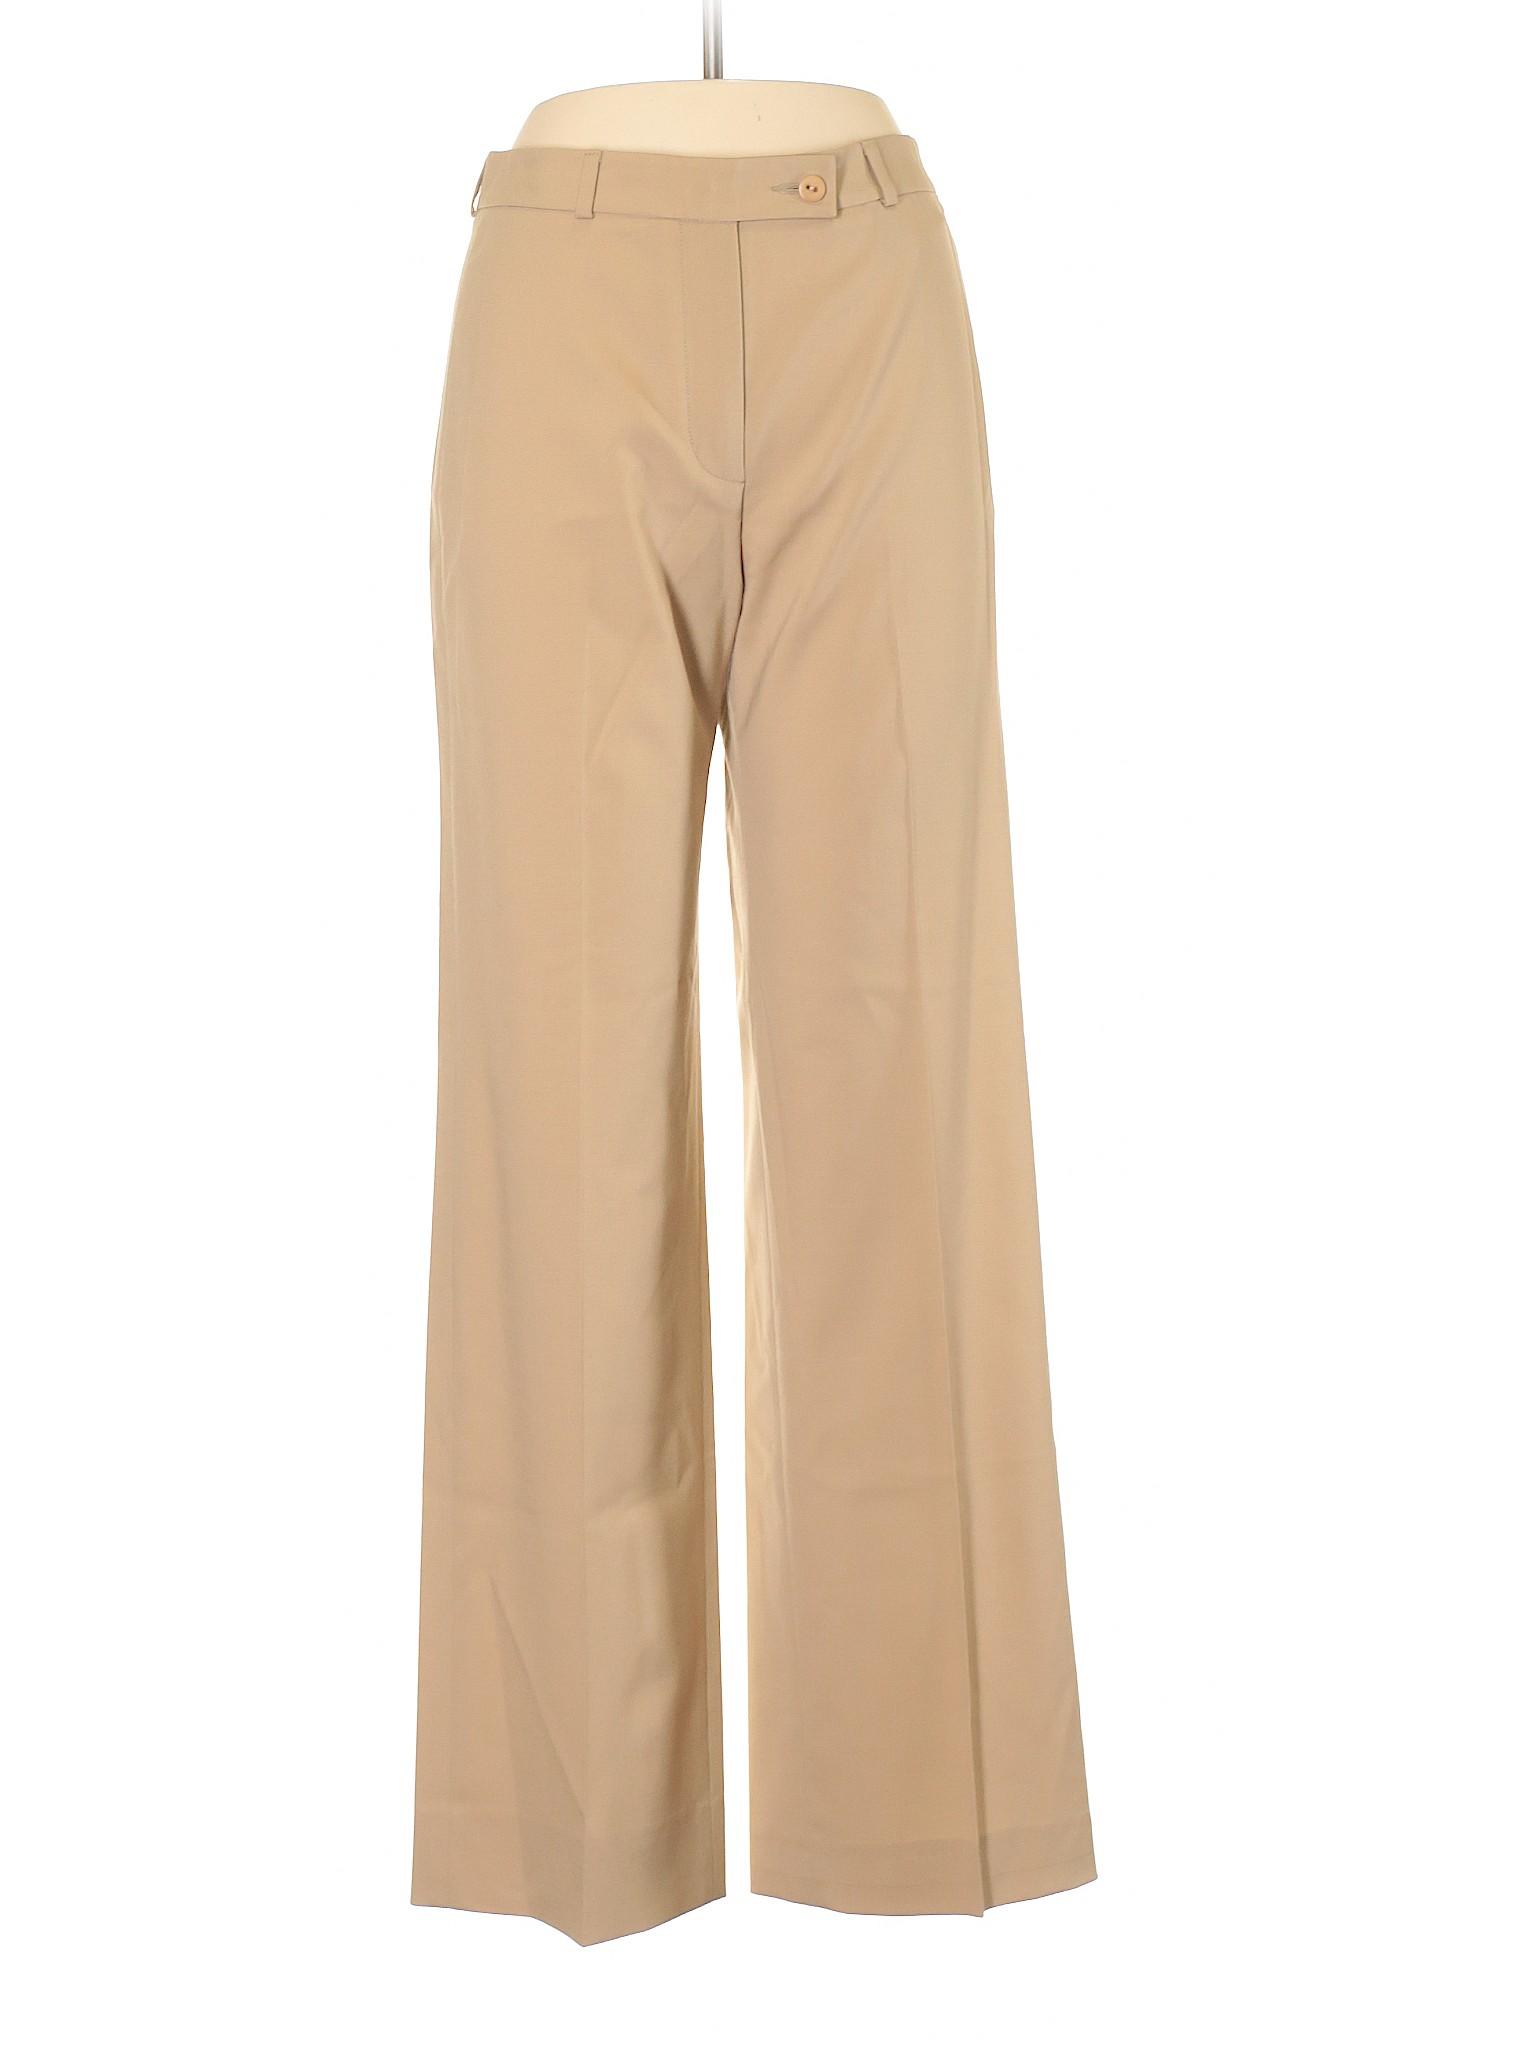 Incotex Wool Wool winter winter Boutique Boutique Boutique Wool Incotex Incotex Pants Pants Pants winter 5qxAPRwntw